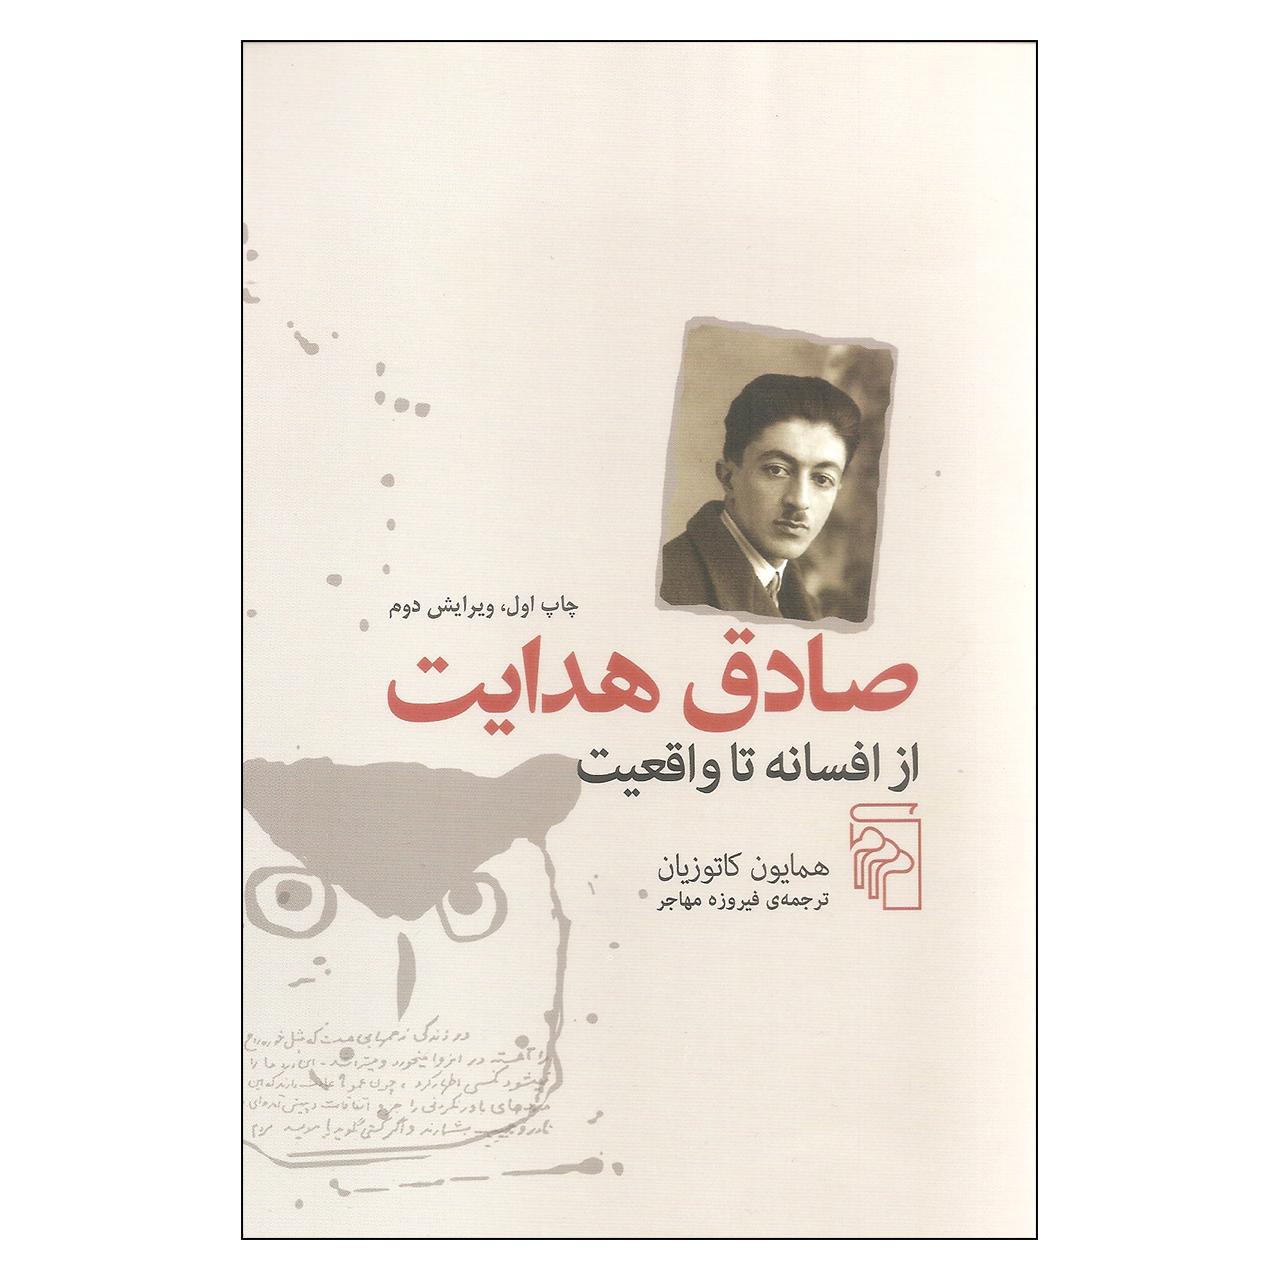 خرید                      کتاب صادق هدایت از افسانه تا واقعیت اثر همایون کاتوزیان نشر مرکز